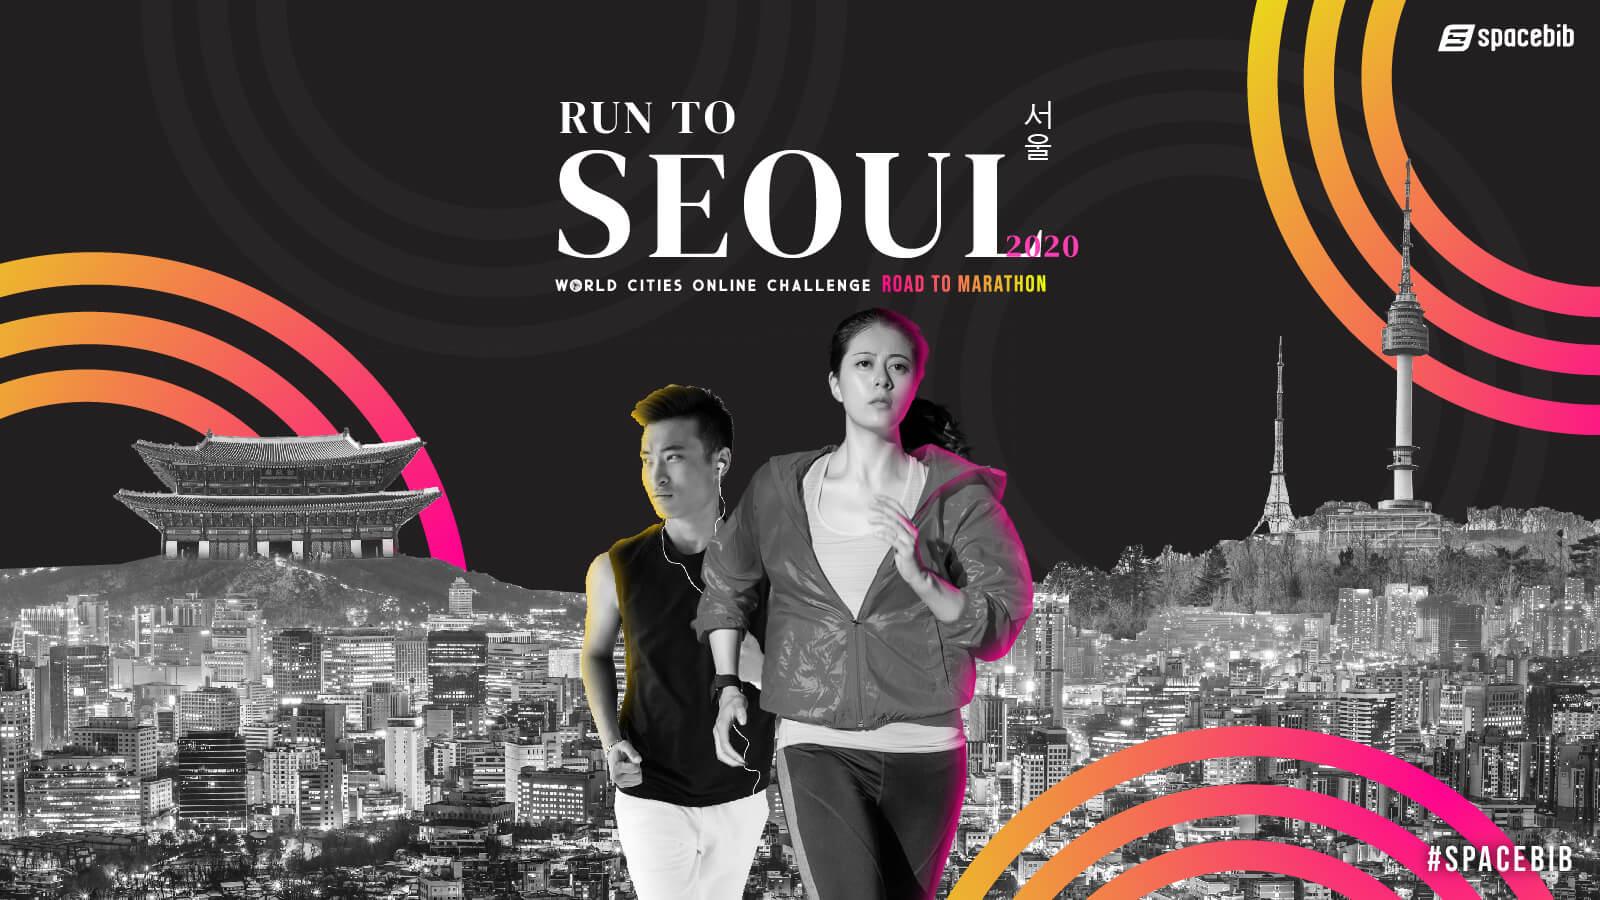 Run to Seoul 2020